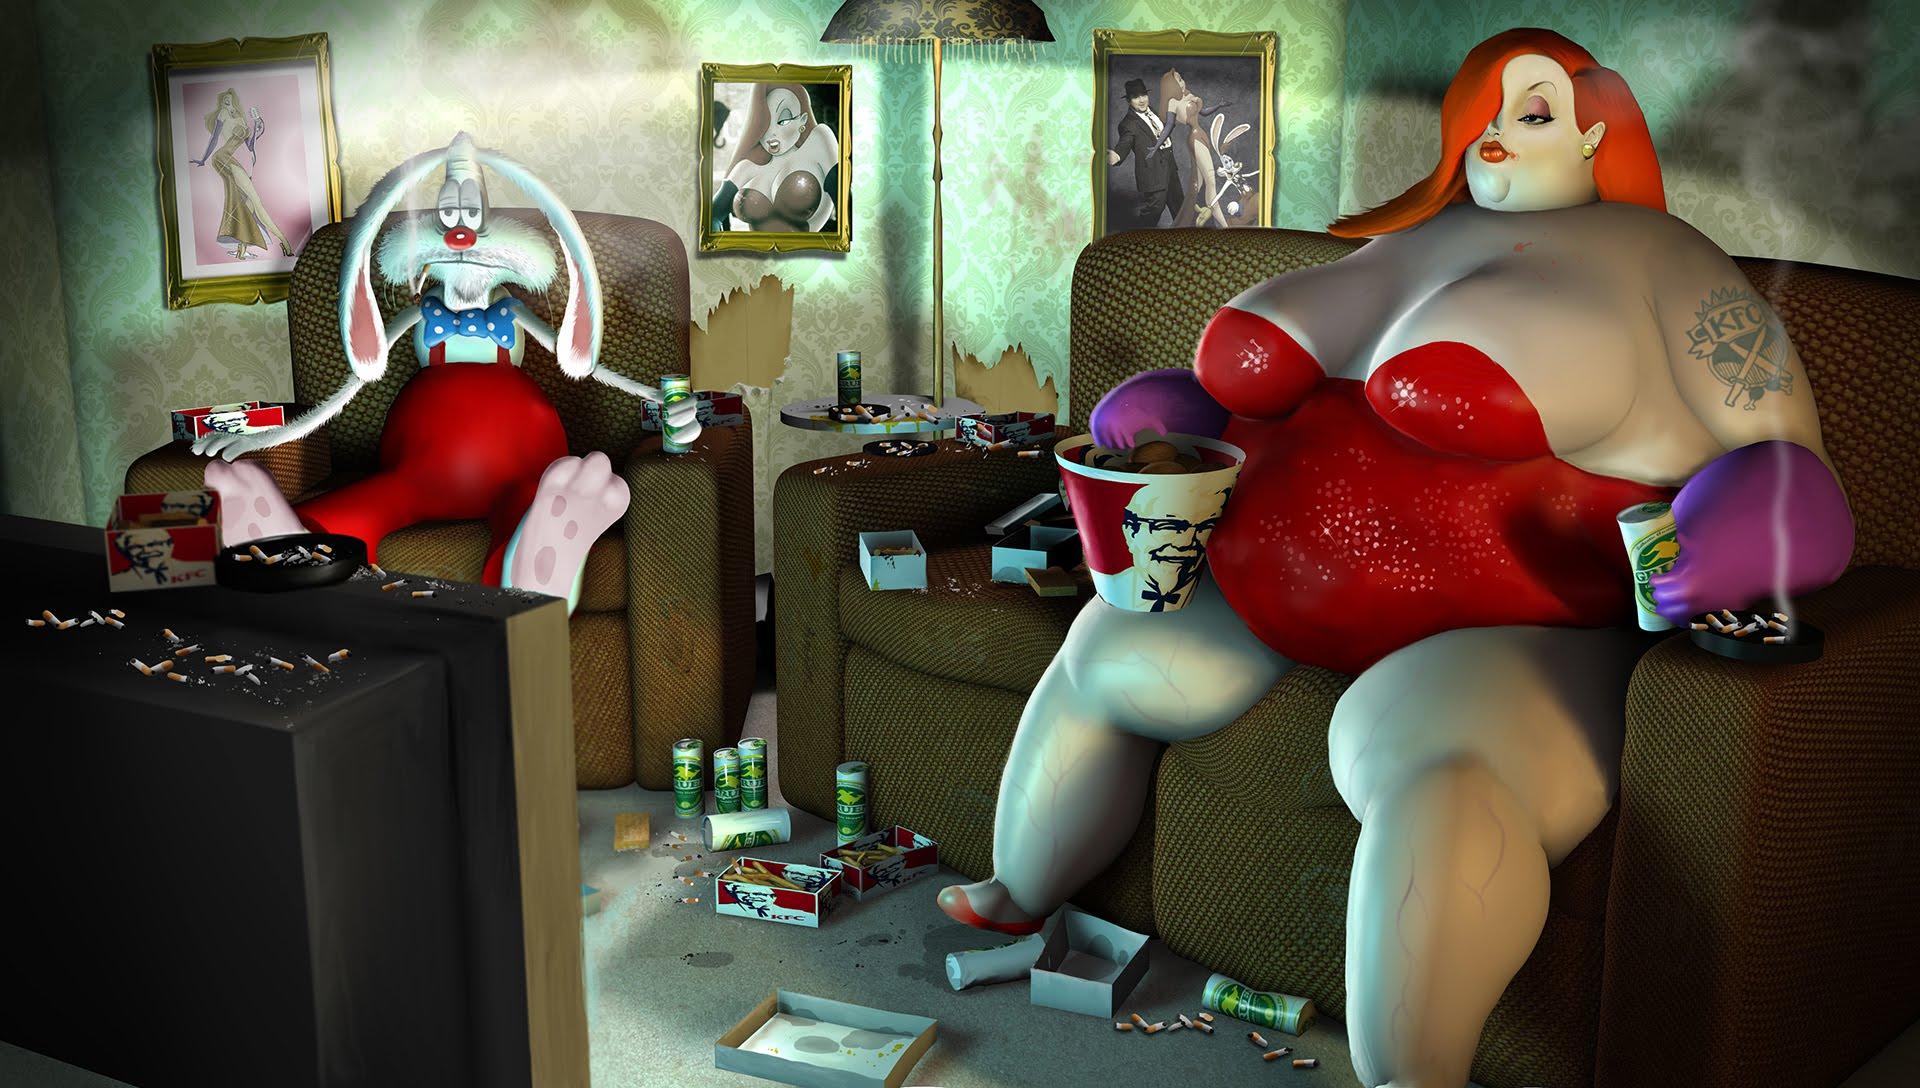 poster_roger_rabbit_1.jpg